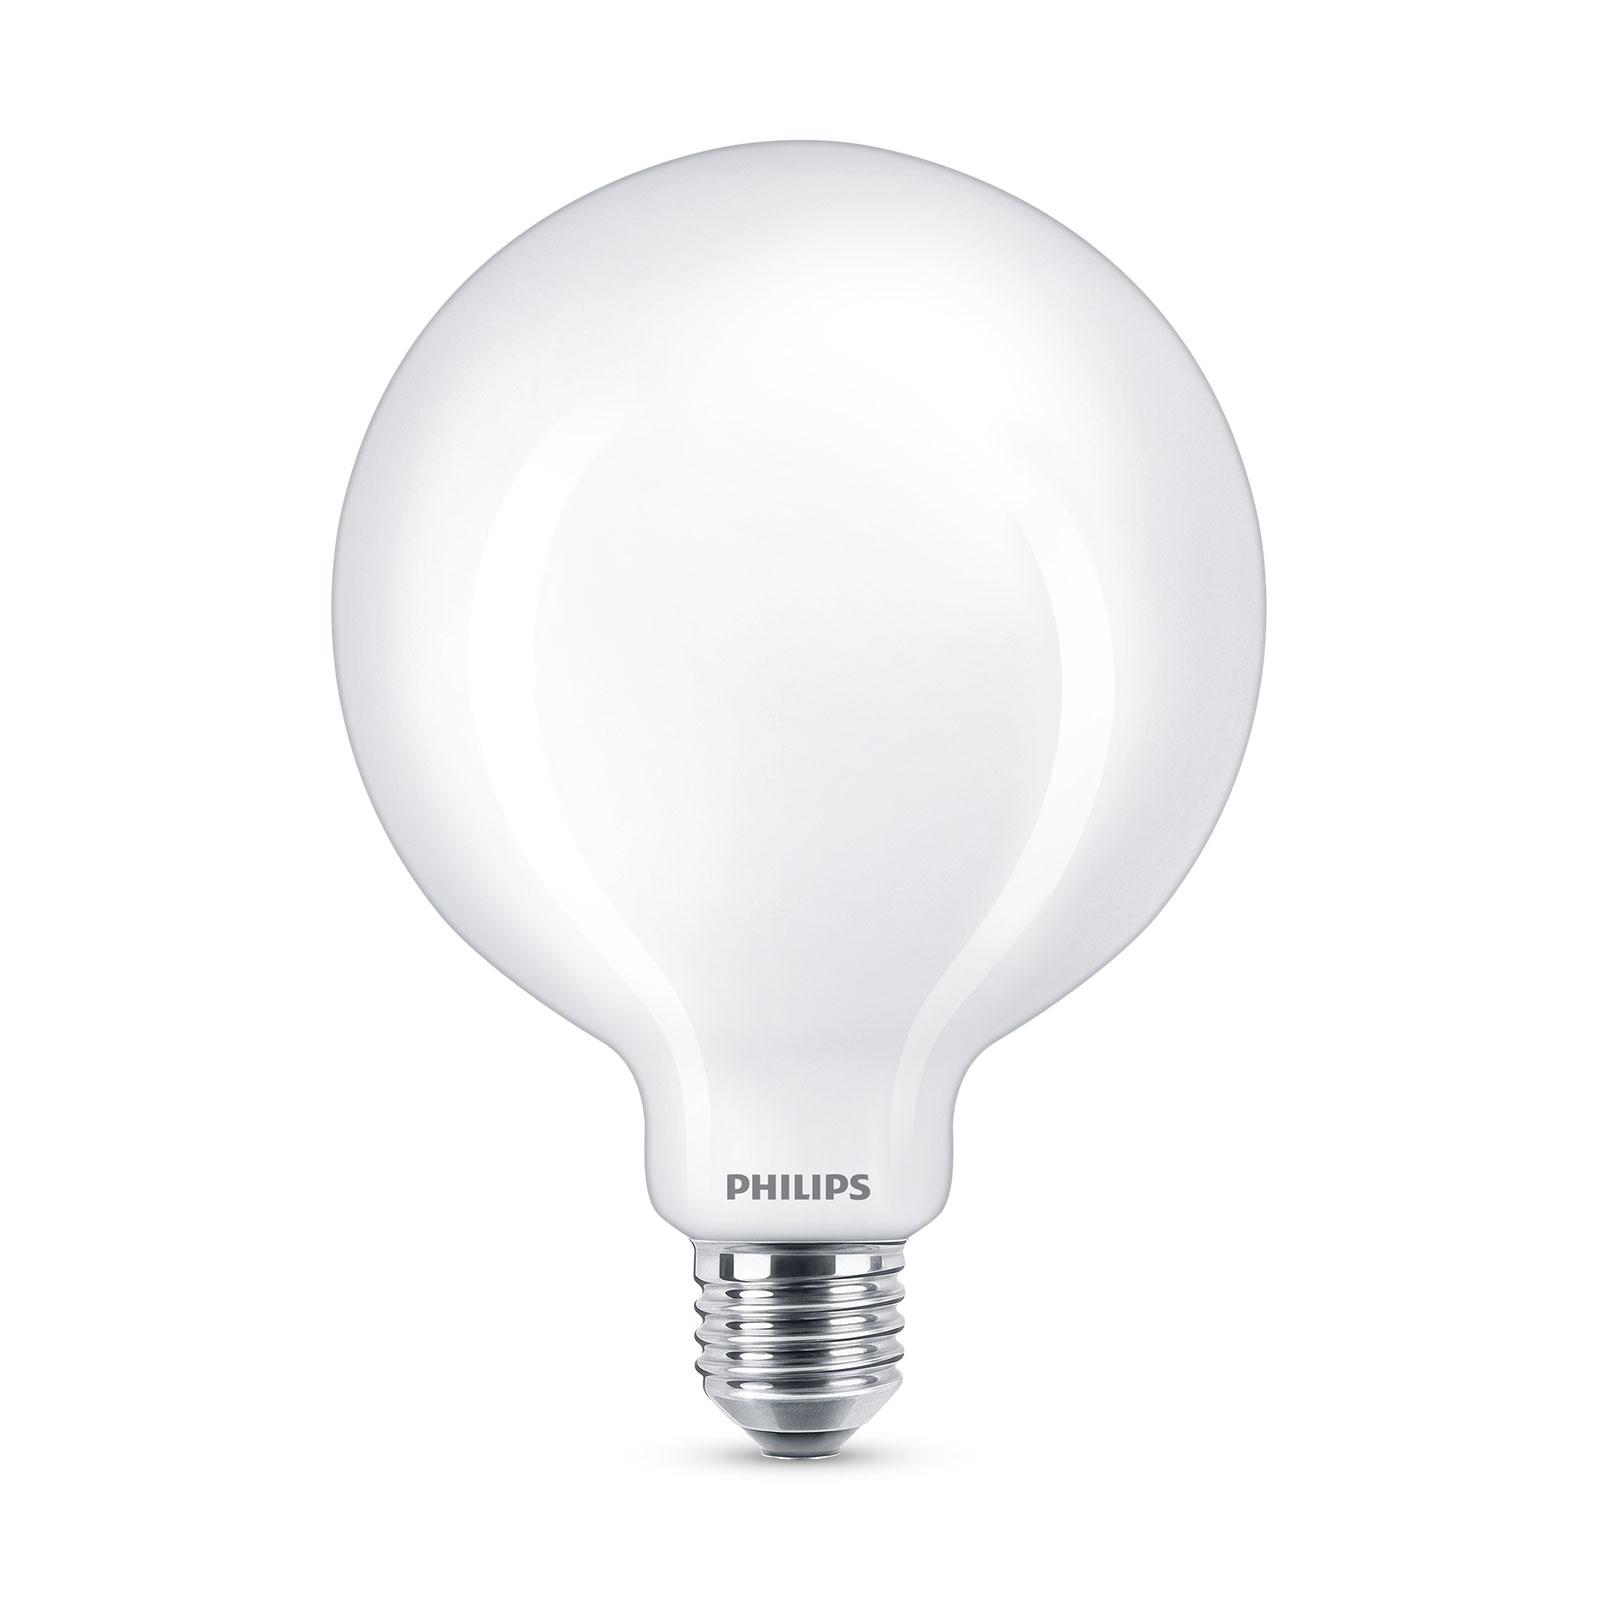 Philips Classic żarówka LED E27 G120 7W 2700K